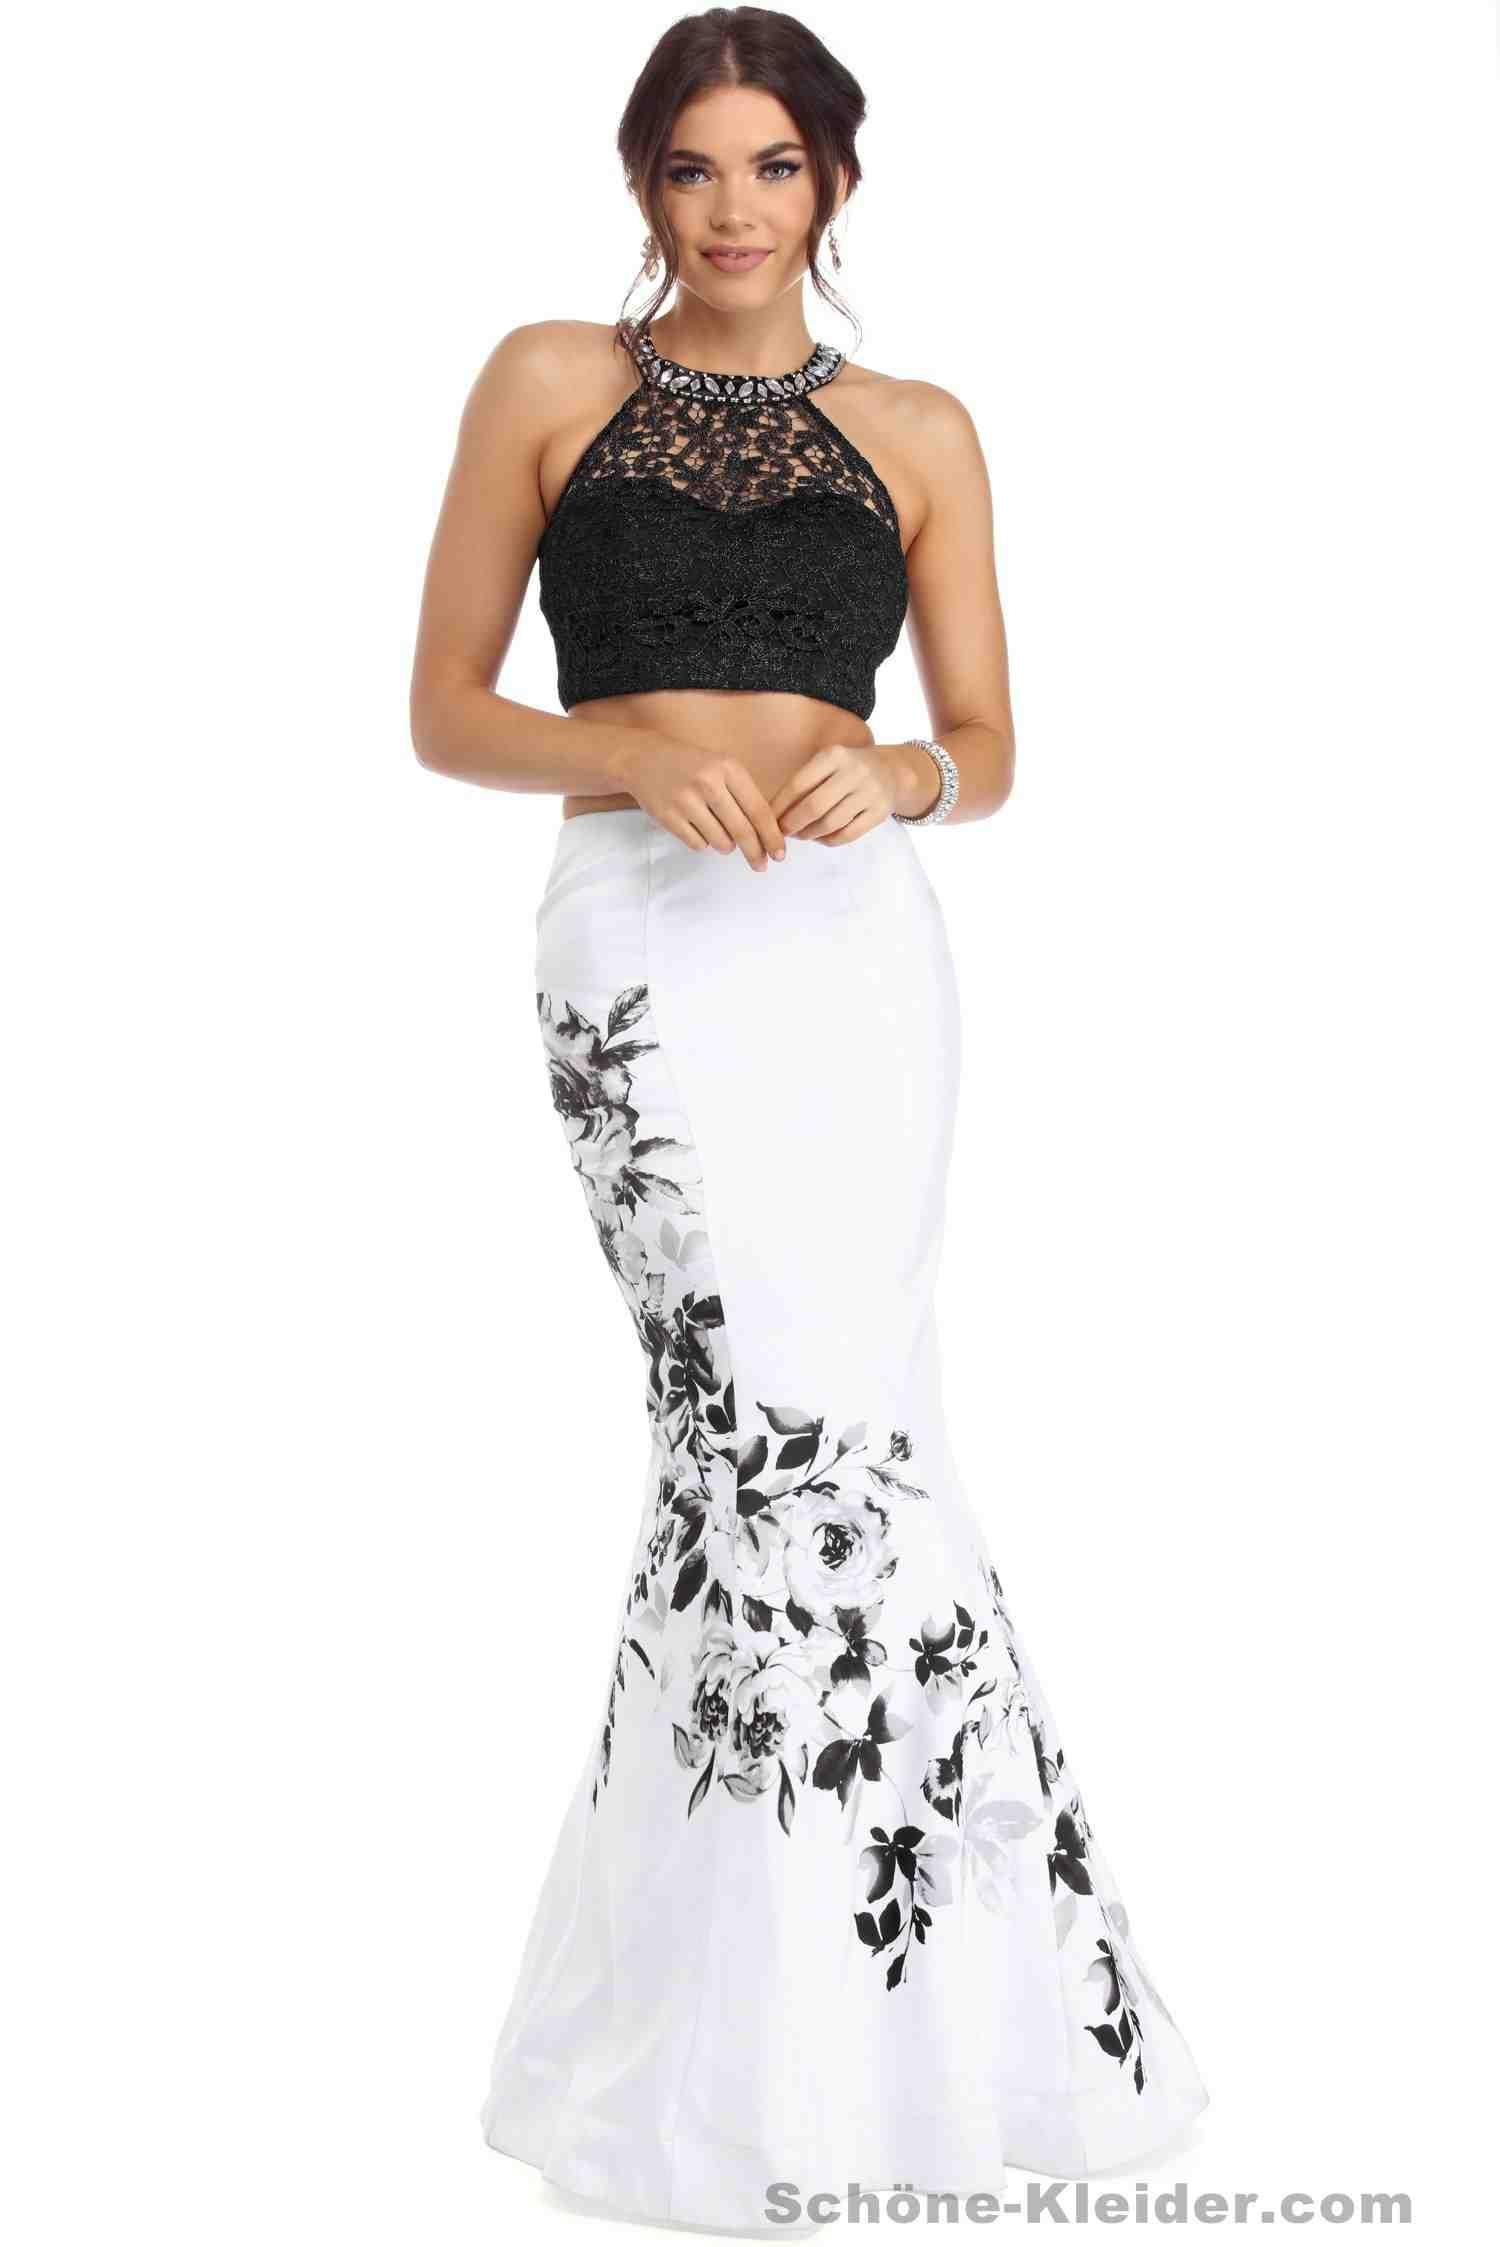 Einzigartig Abendkleider Lang Schwarz Weiß SpezialgebietDesigner Einzigartig Abendkleider Lang Schwarz Weiß Vertrieb